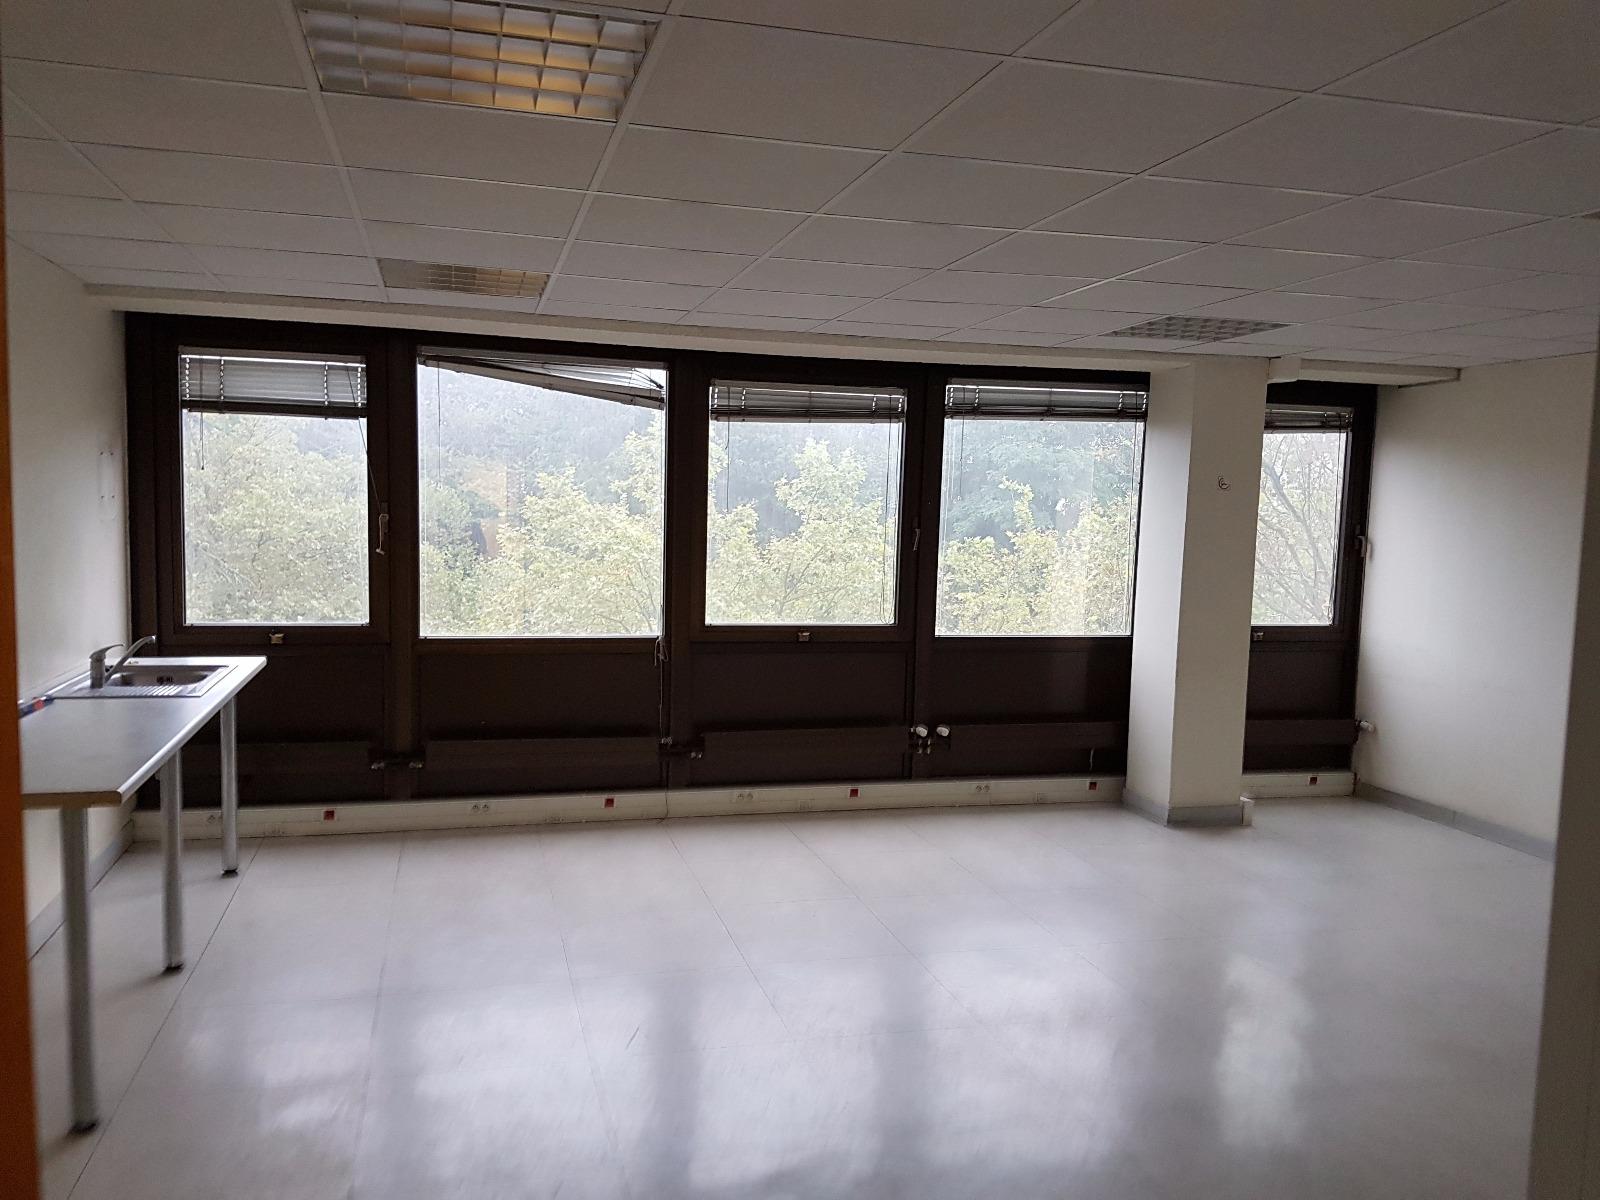 Location bureaux noisy le grand 14m2 Ã 170 âu201a¬ mois hc ht 1er mois